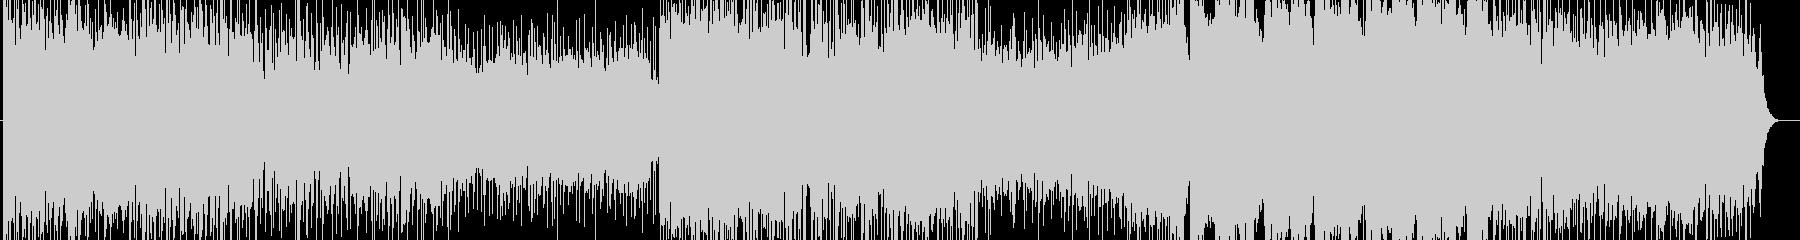 Modern Matryoshkaの未再生の波形